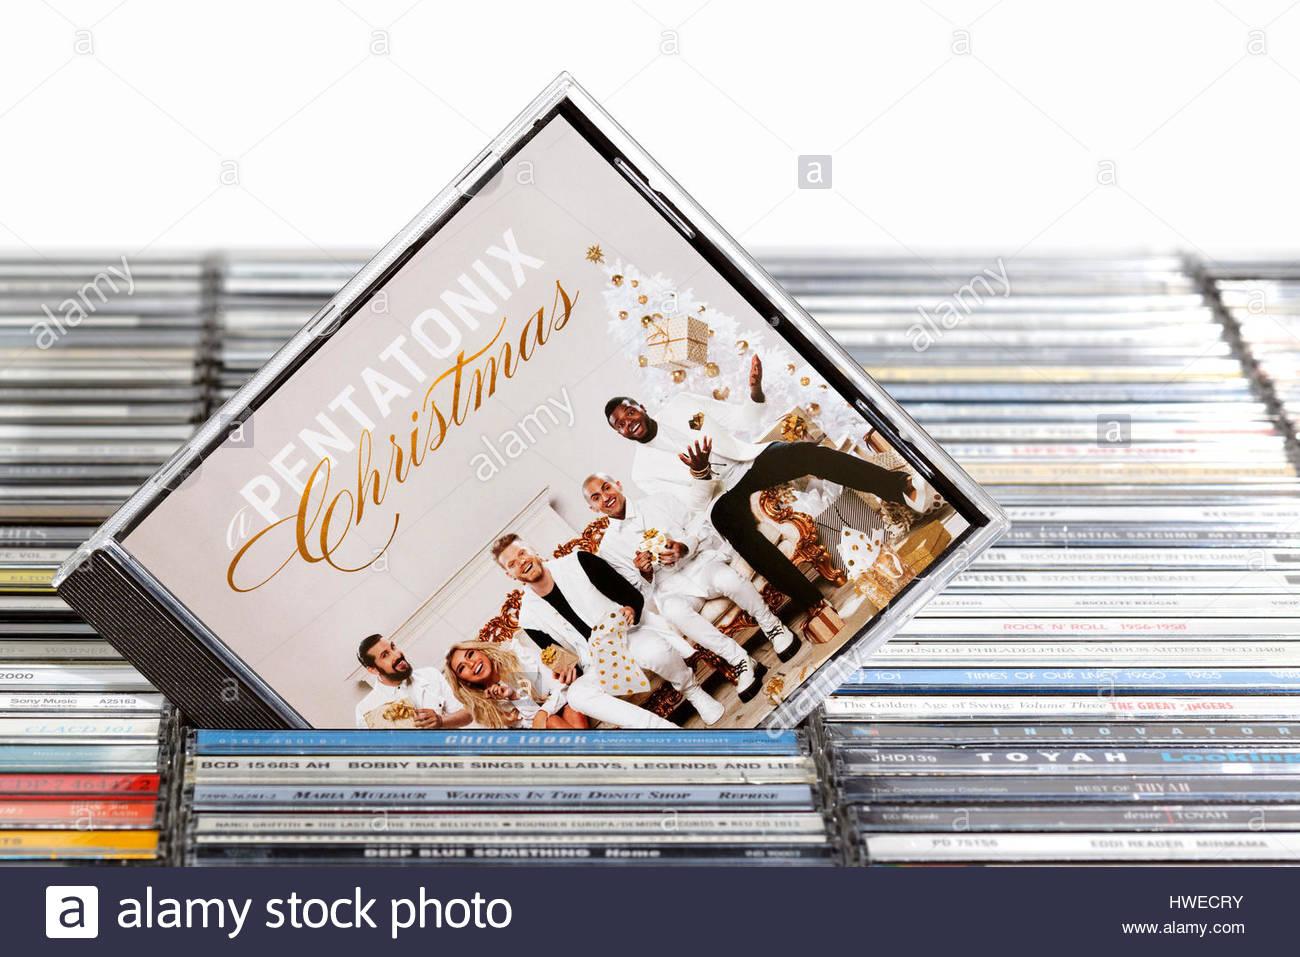 Christmas Album Cover Stock Photos & Christmas Album Cover Stock ...